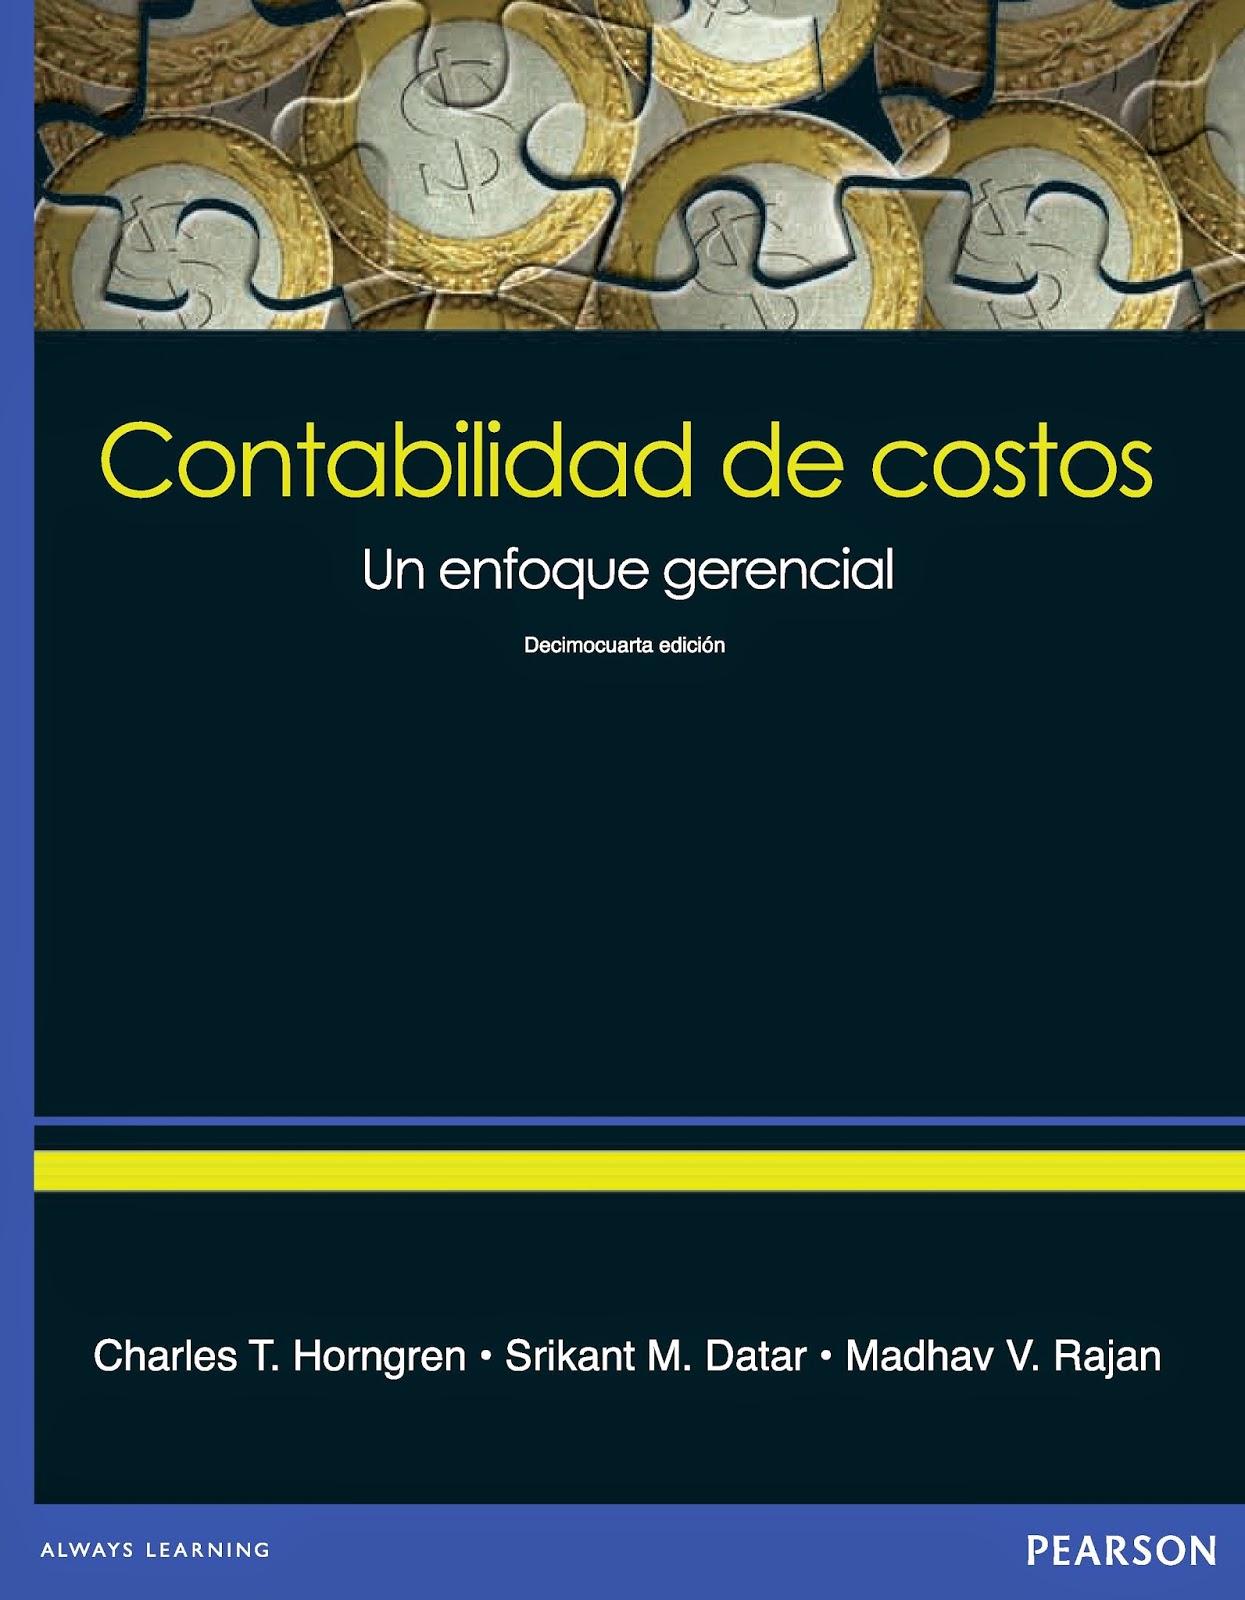 CONTABILIDAD DE COSTOS (Charles T. Horngren, Srikant M ... @tataya.com.mx 2021